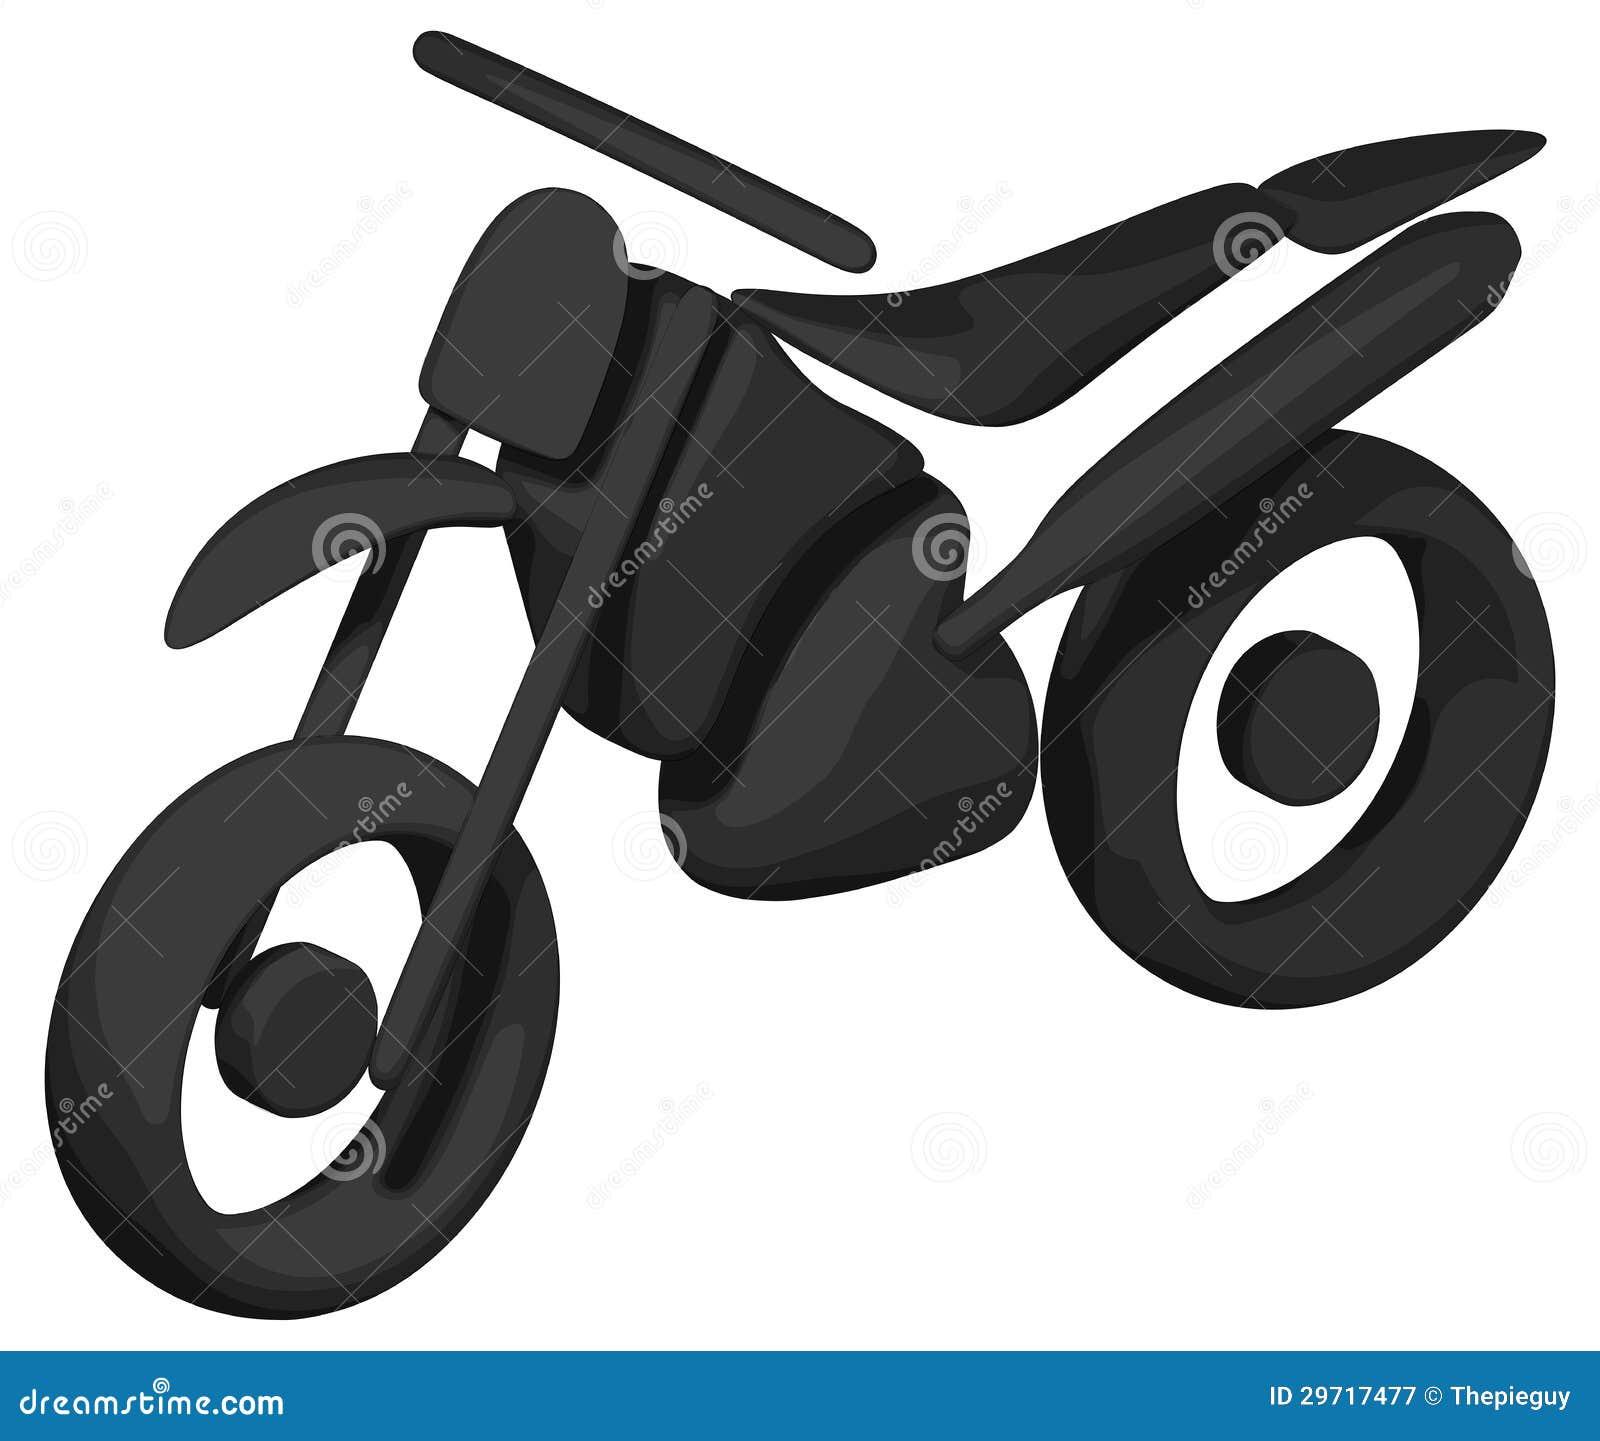 motorcycle-style-dirt-bike-shaded-silhouette-29717477.jpg